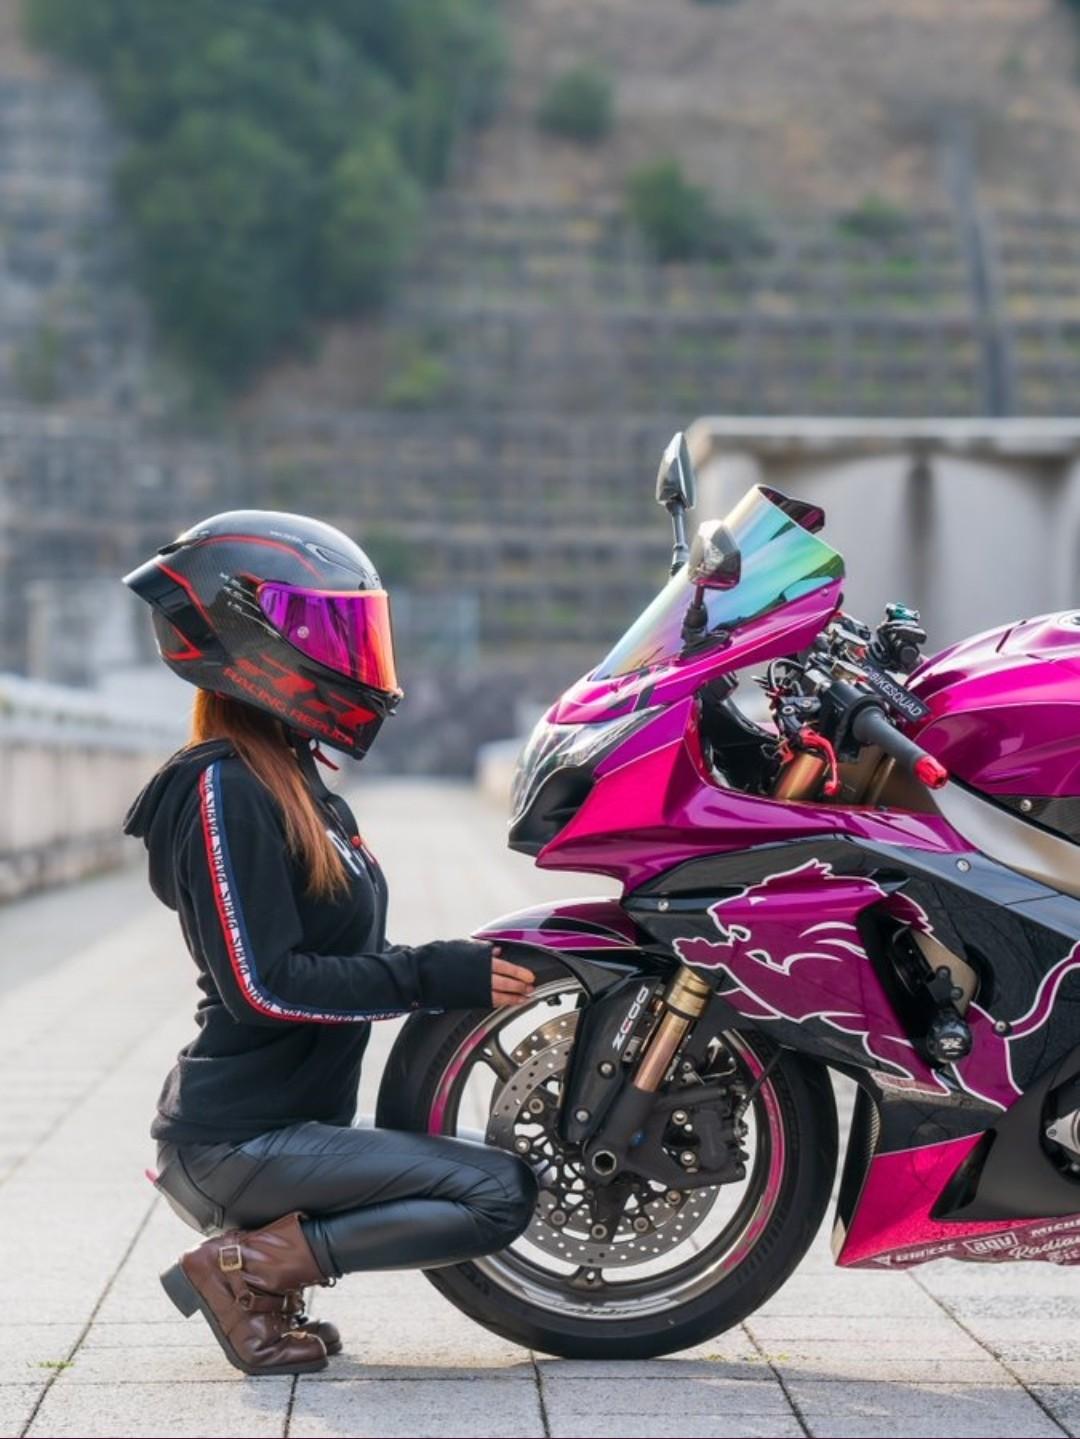 【画像】バイク乗り女さん、愛車の写真には必ず映り込みたいwwwww